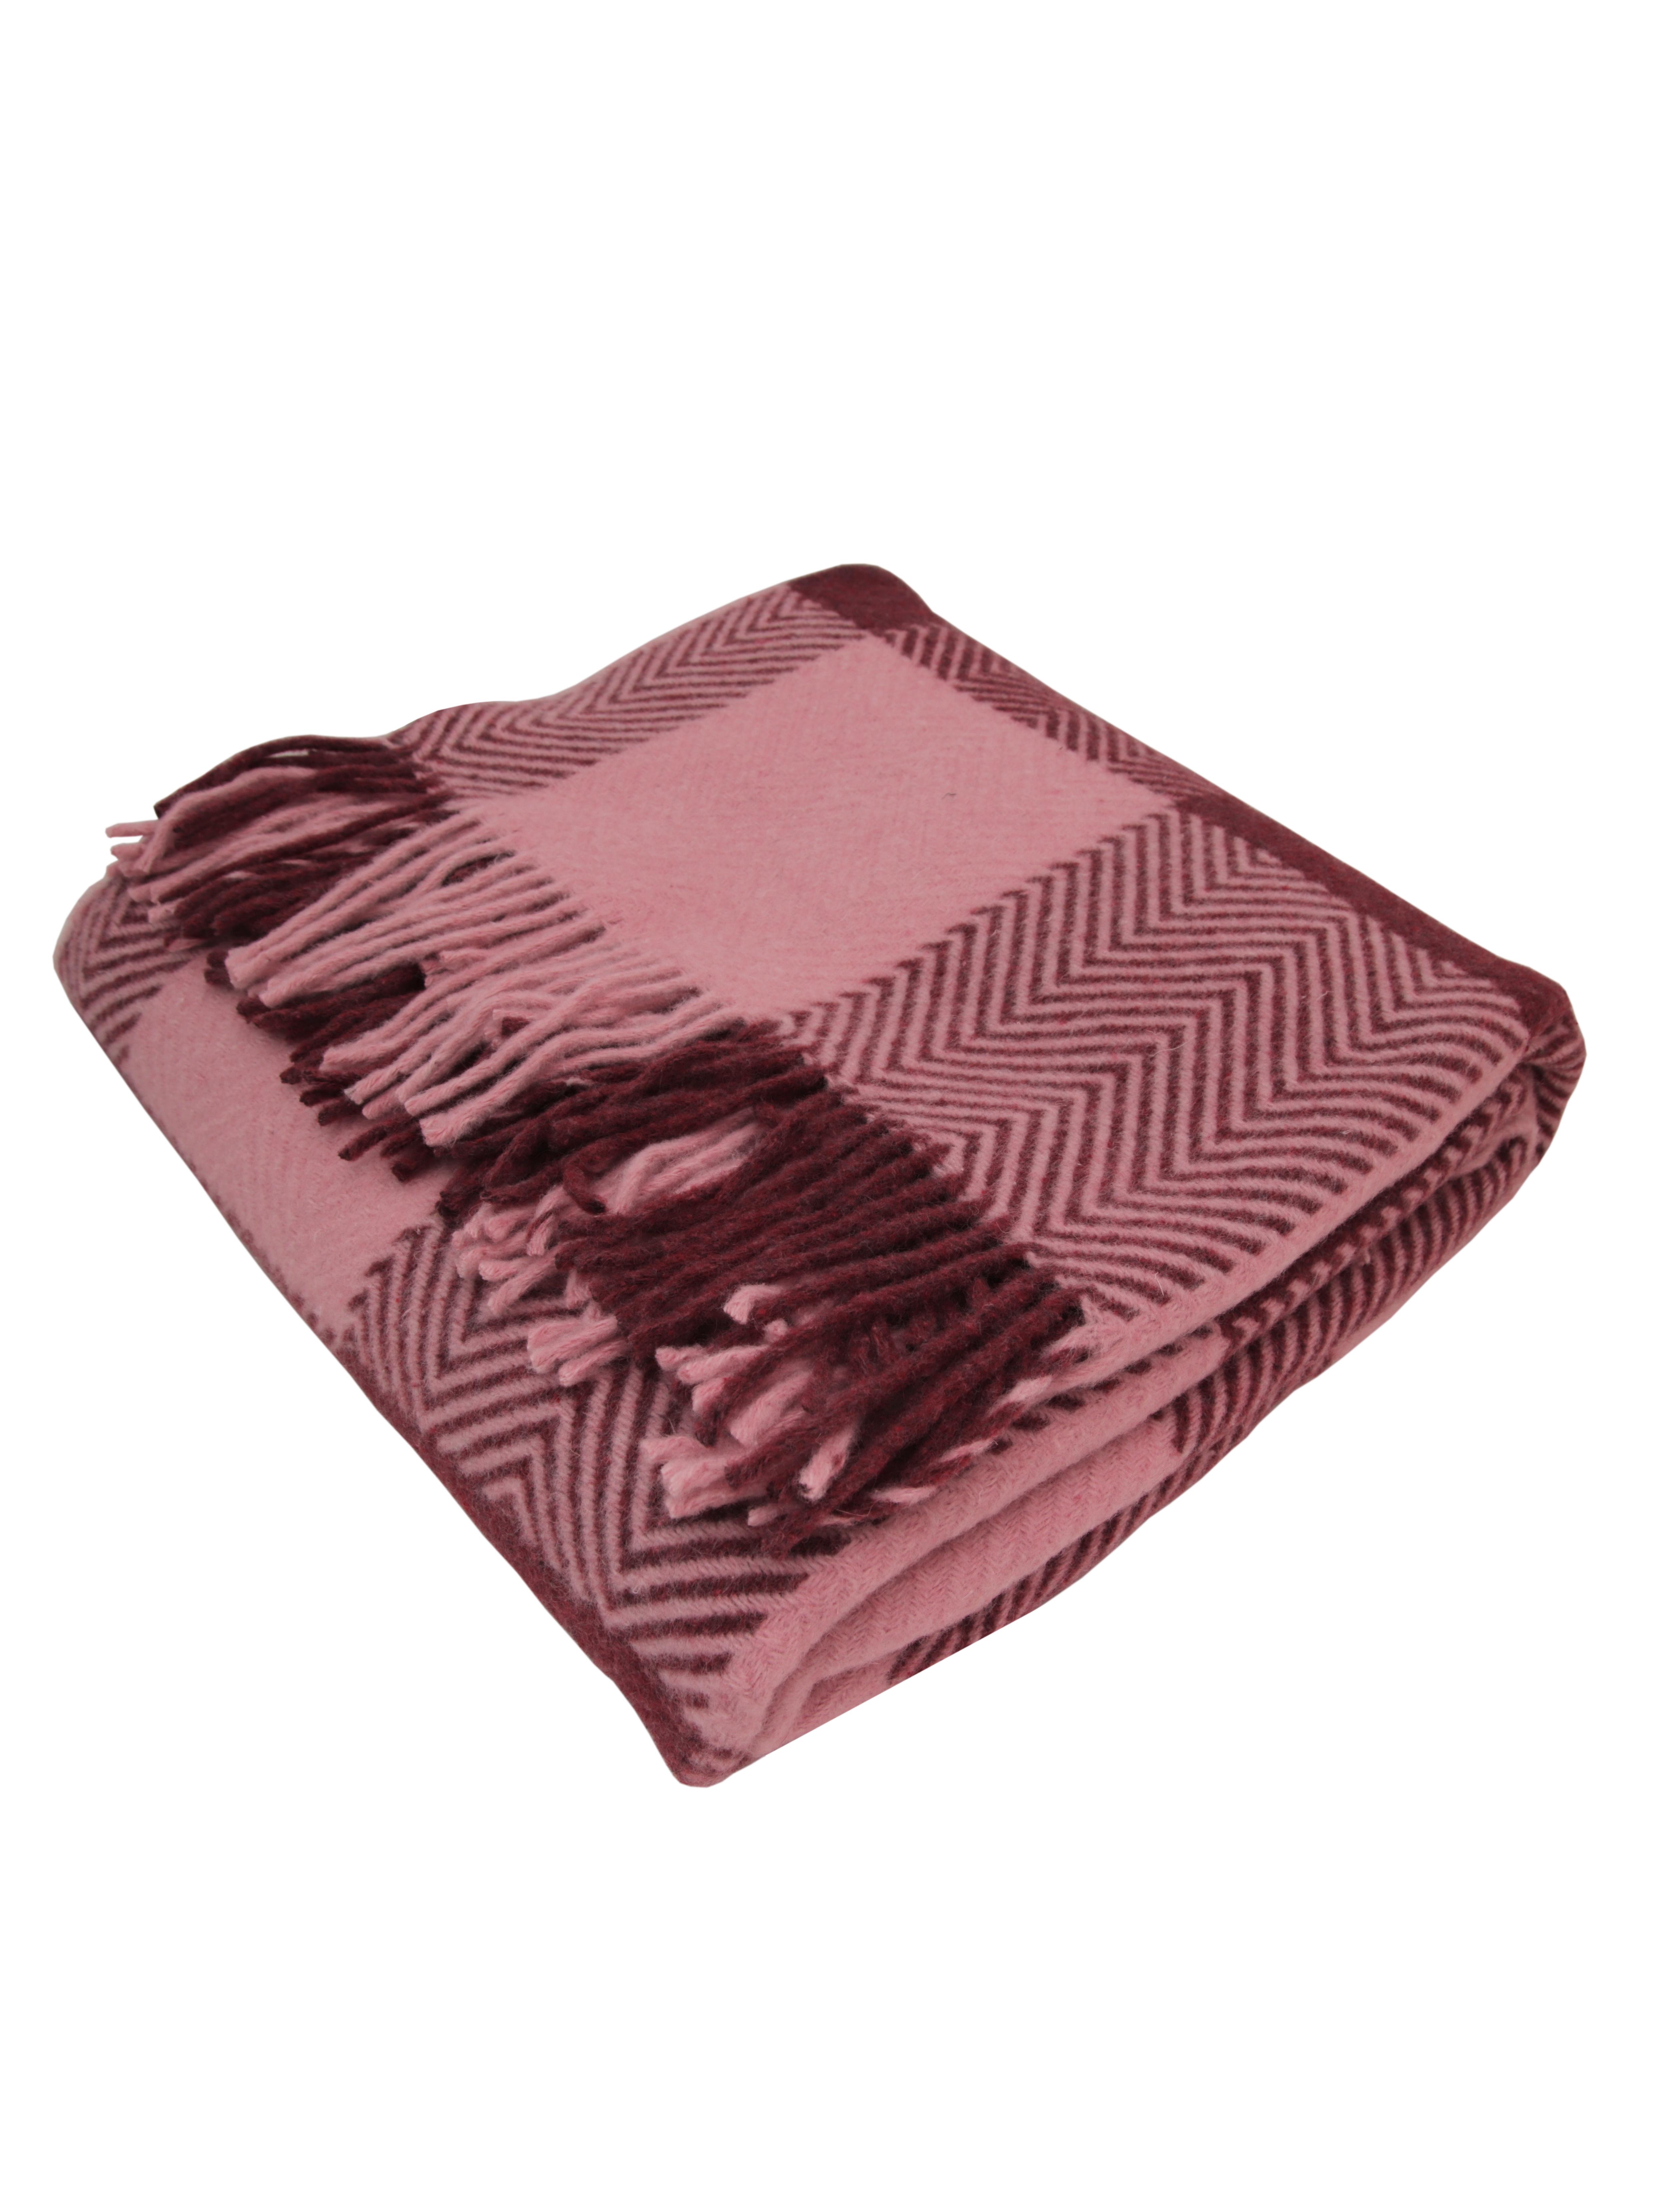 цена Плед Arloni рисунок клетка, розовый онлайн в 2017 году